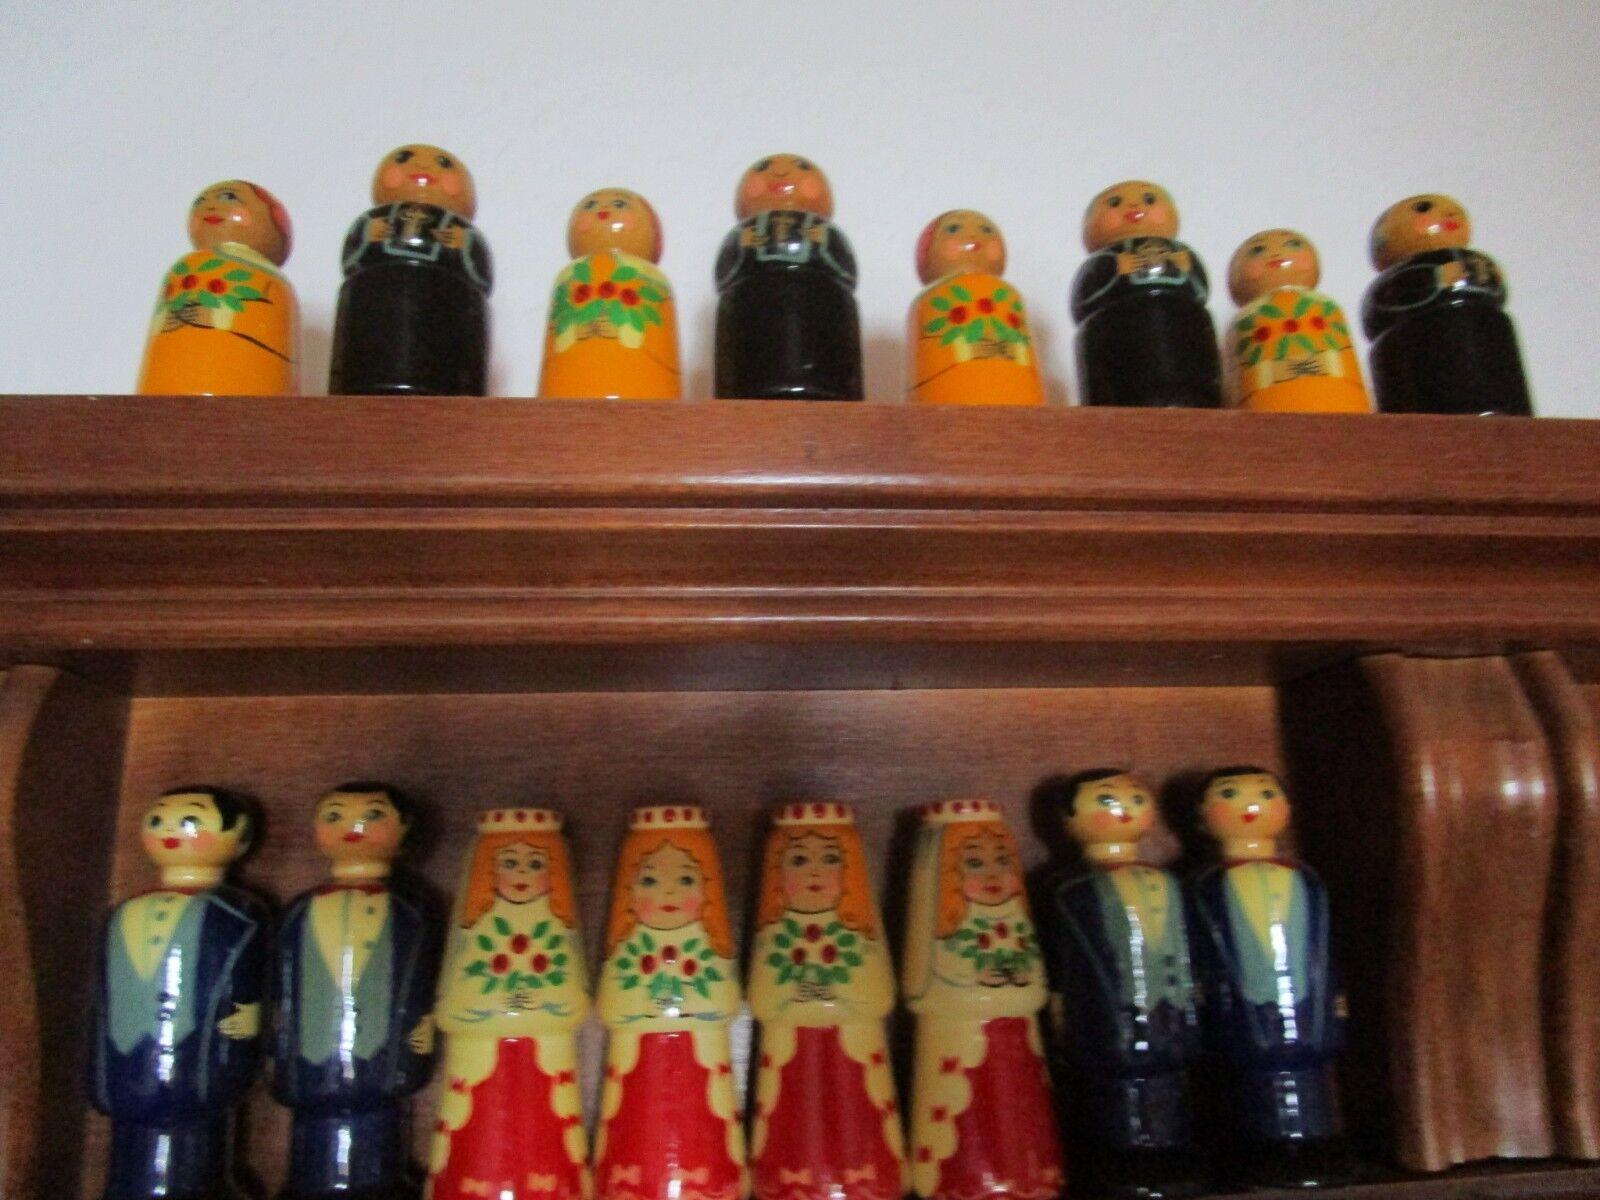 Russisch Matroschka-Ärger Dich nicht Figuren Holz puppen Russland handMalerei handMalerei handMalerei ae6c33